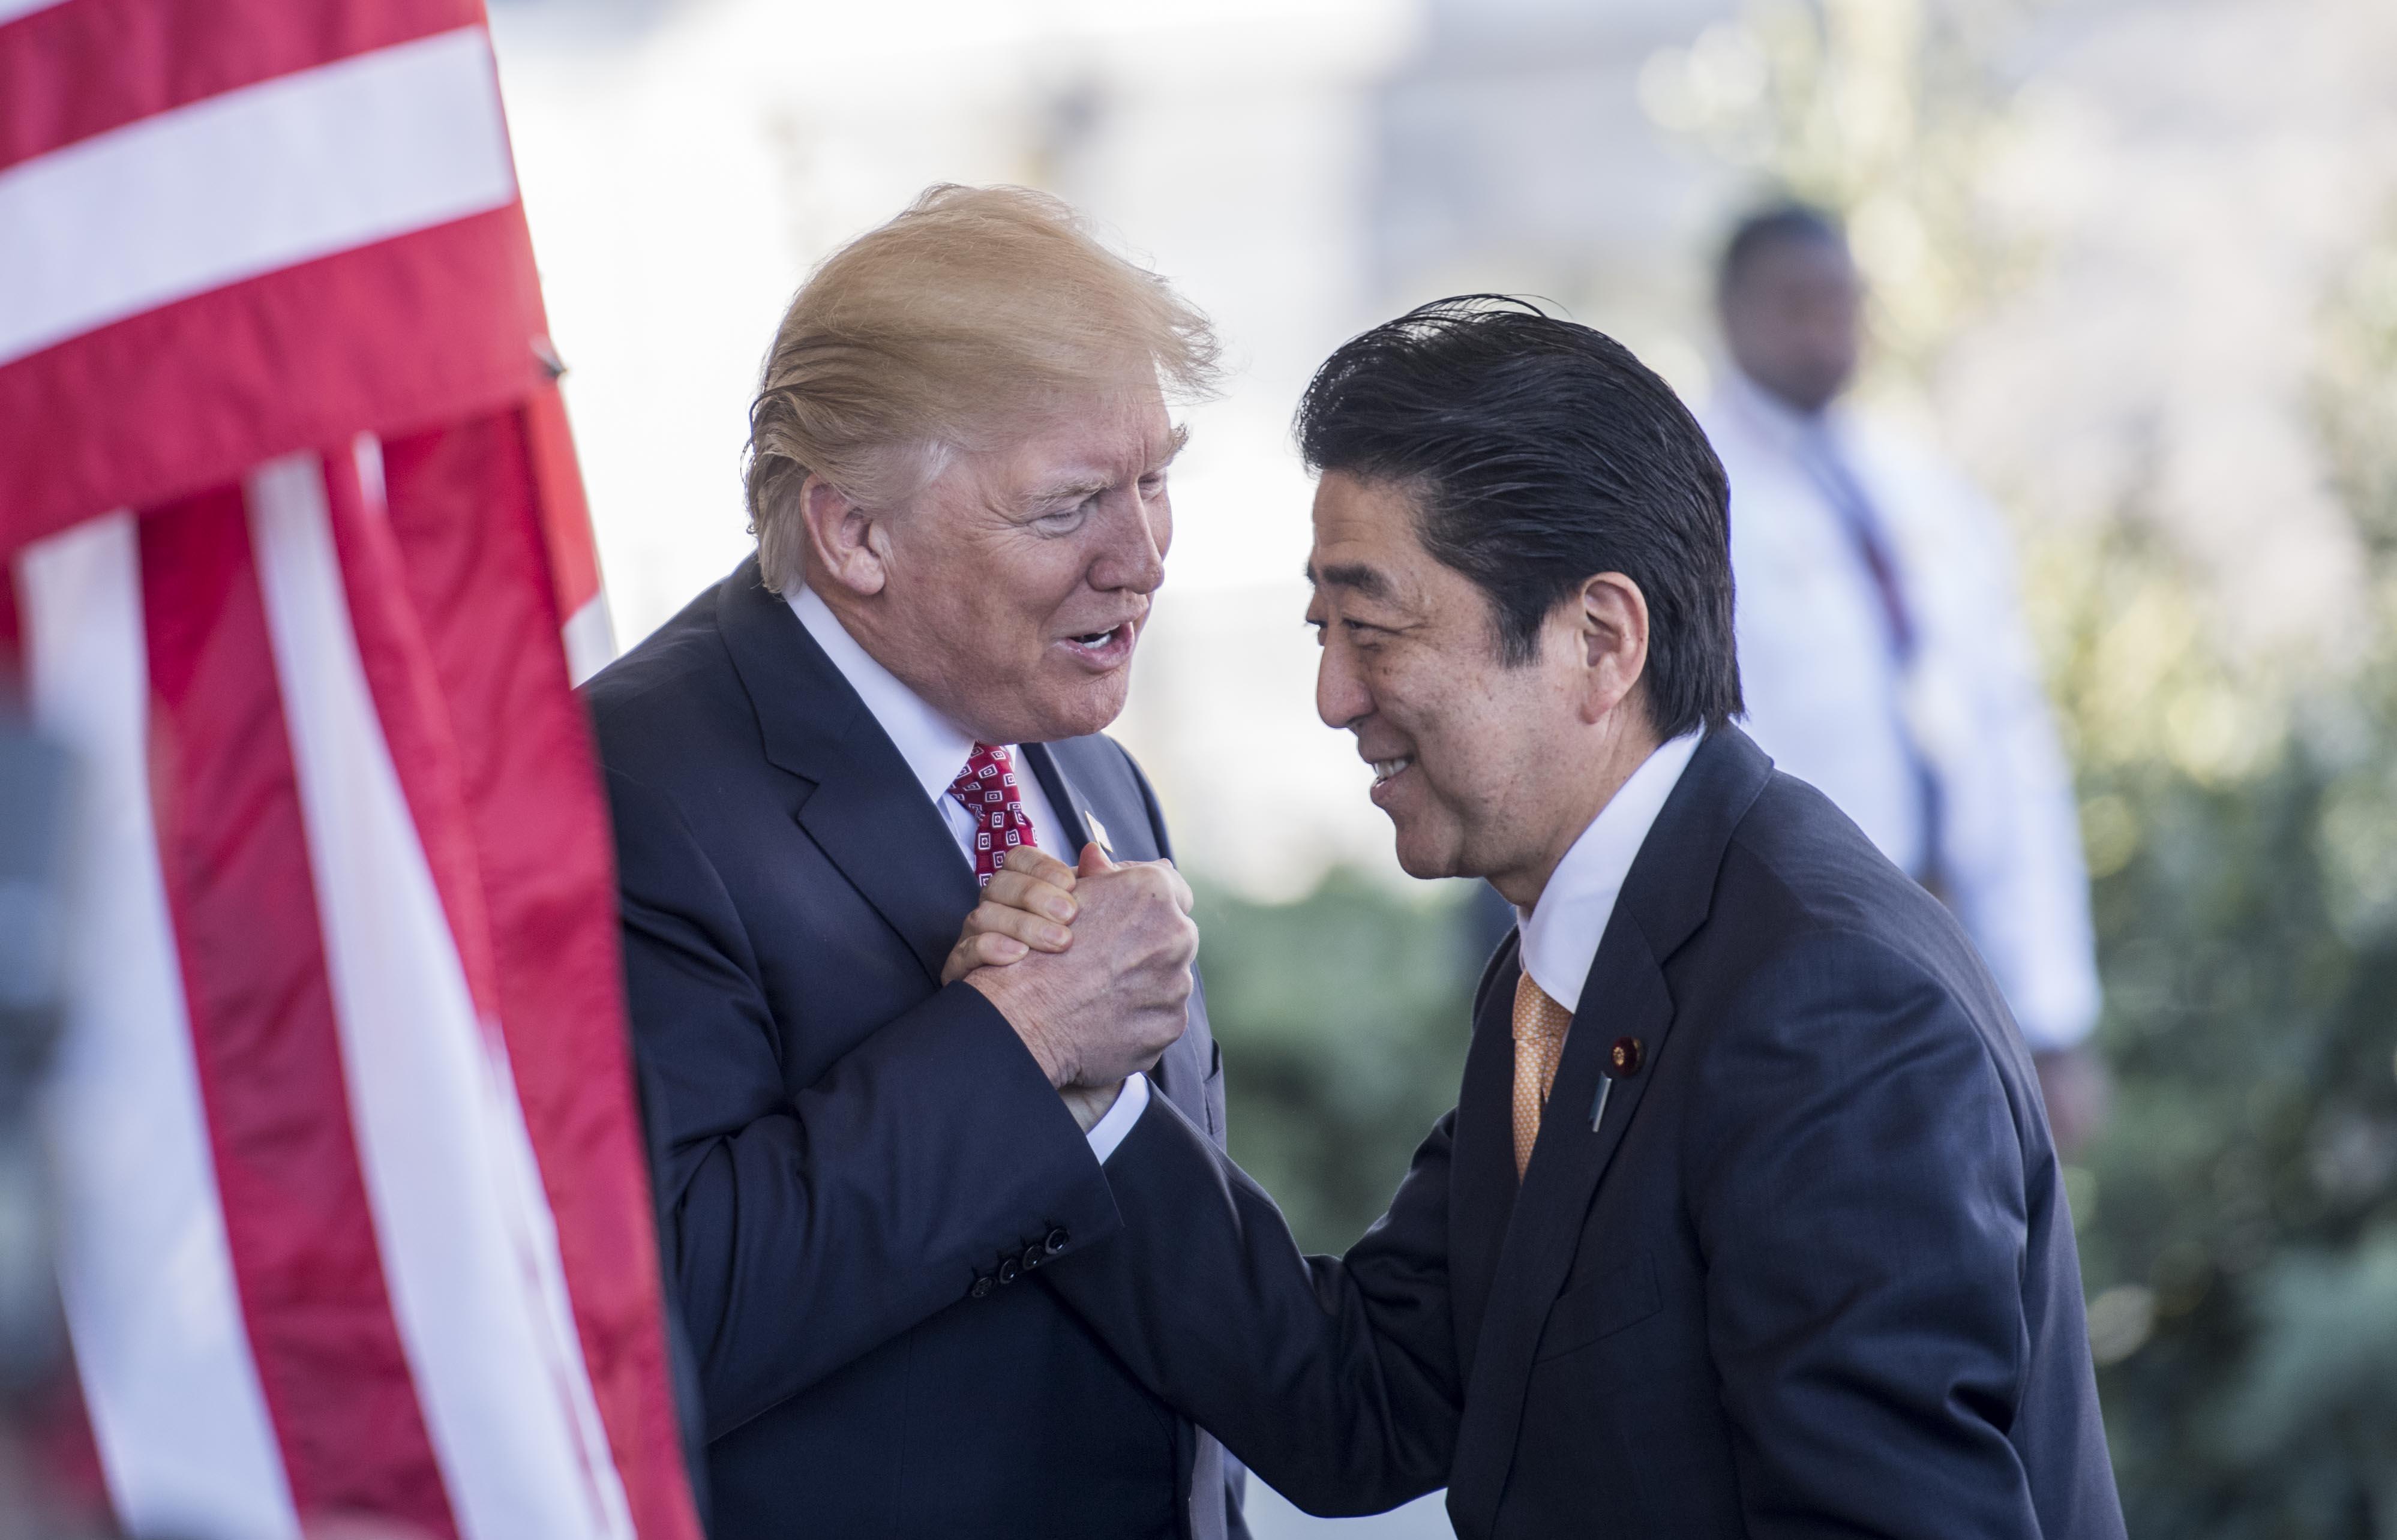 Japanese Prime Minister Shinz Abe